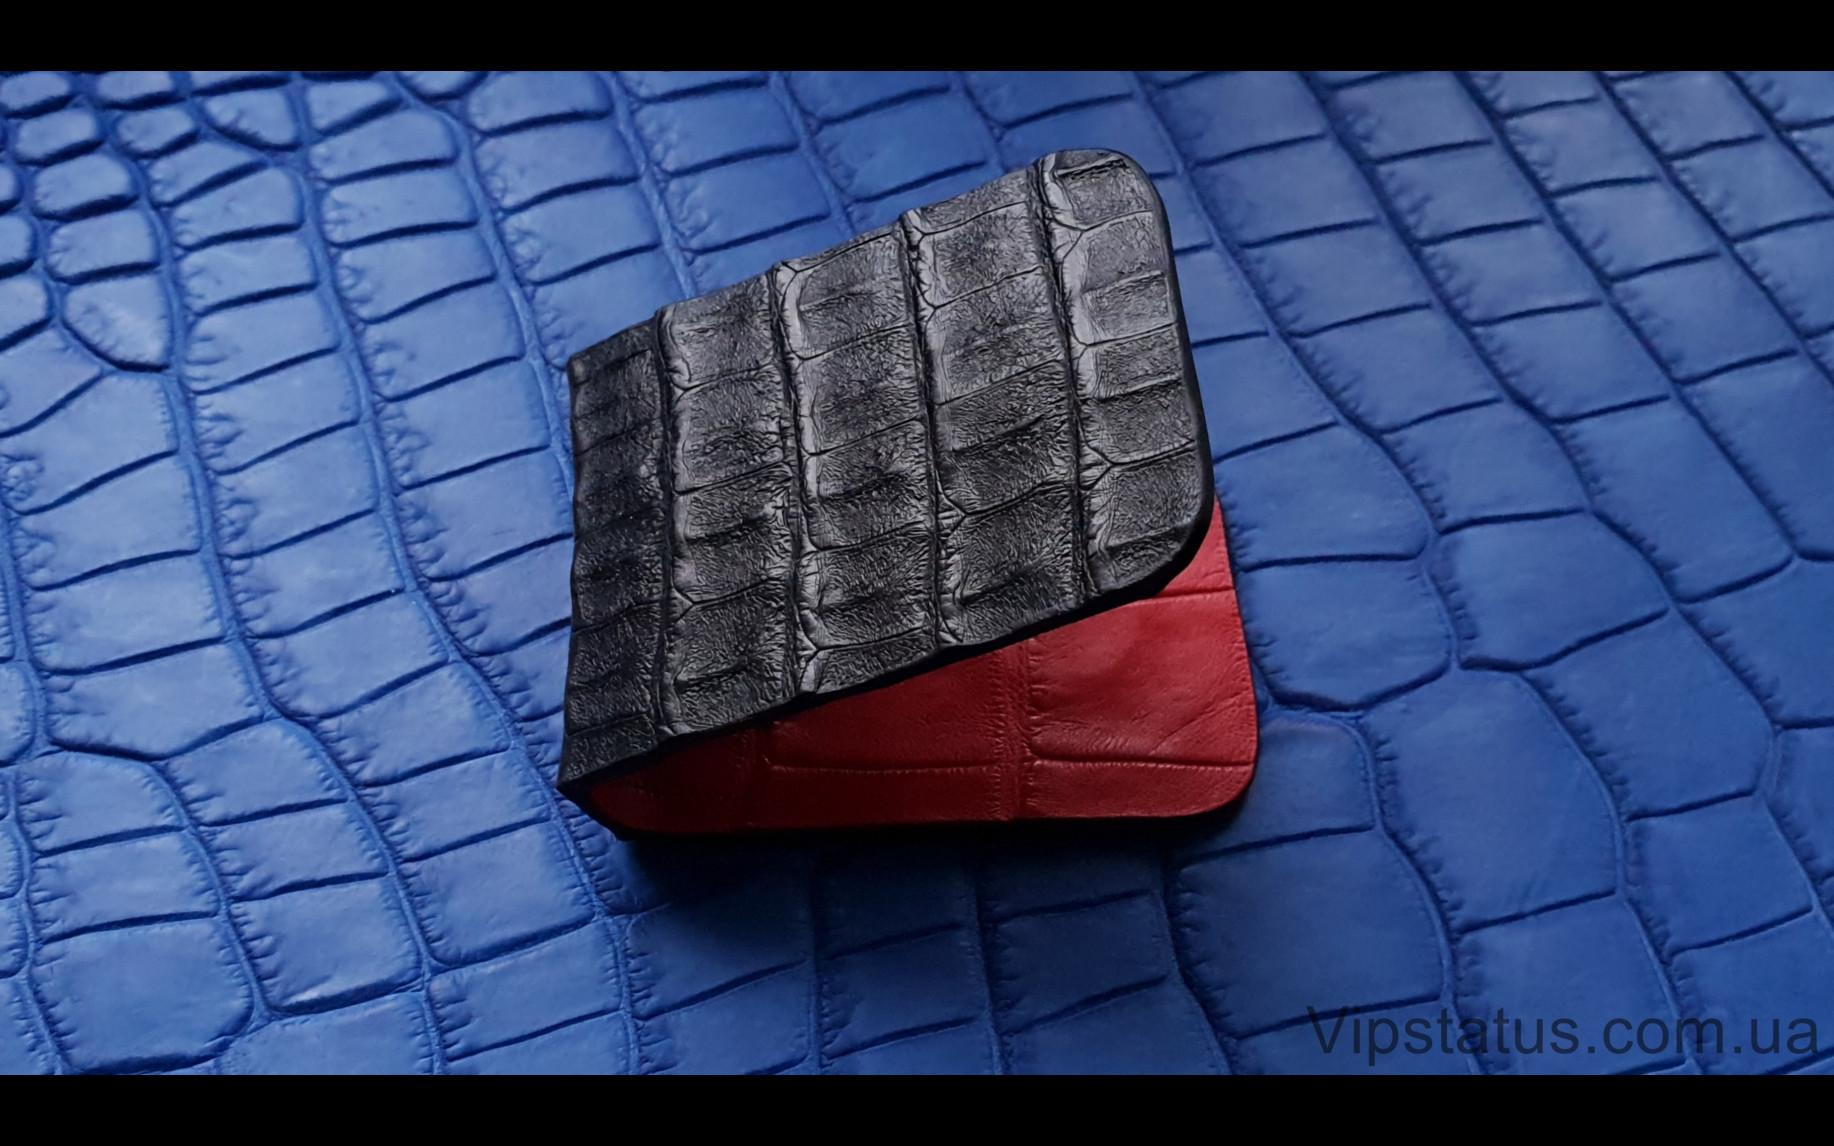 Элитный Premium Crocodile Эксклюзивный зажим для купюр Premium Crocodile Эксклюзивный зажим для купюр изображение 2